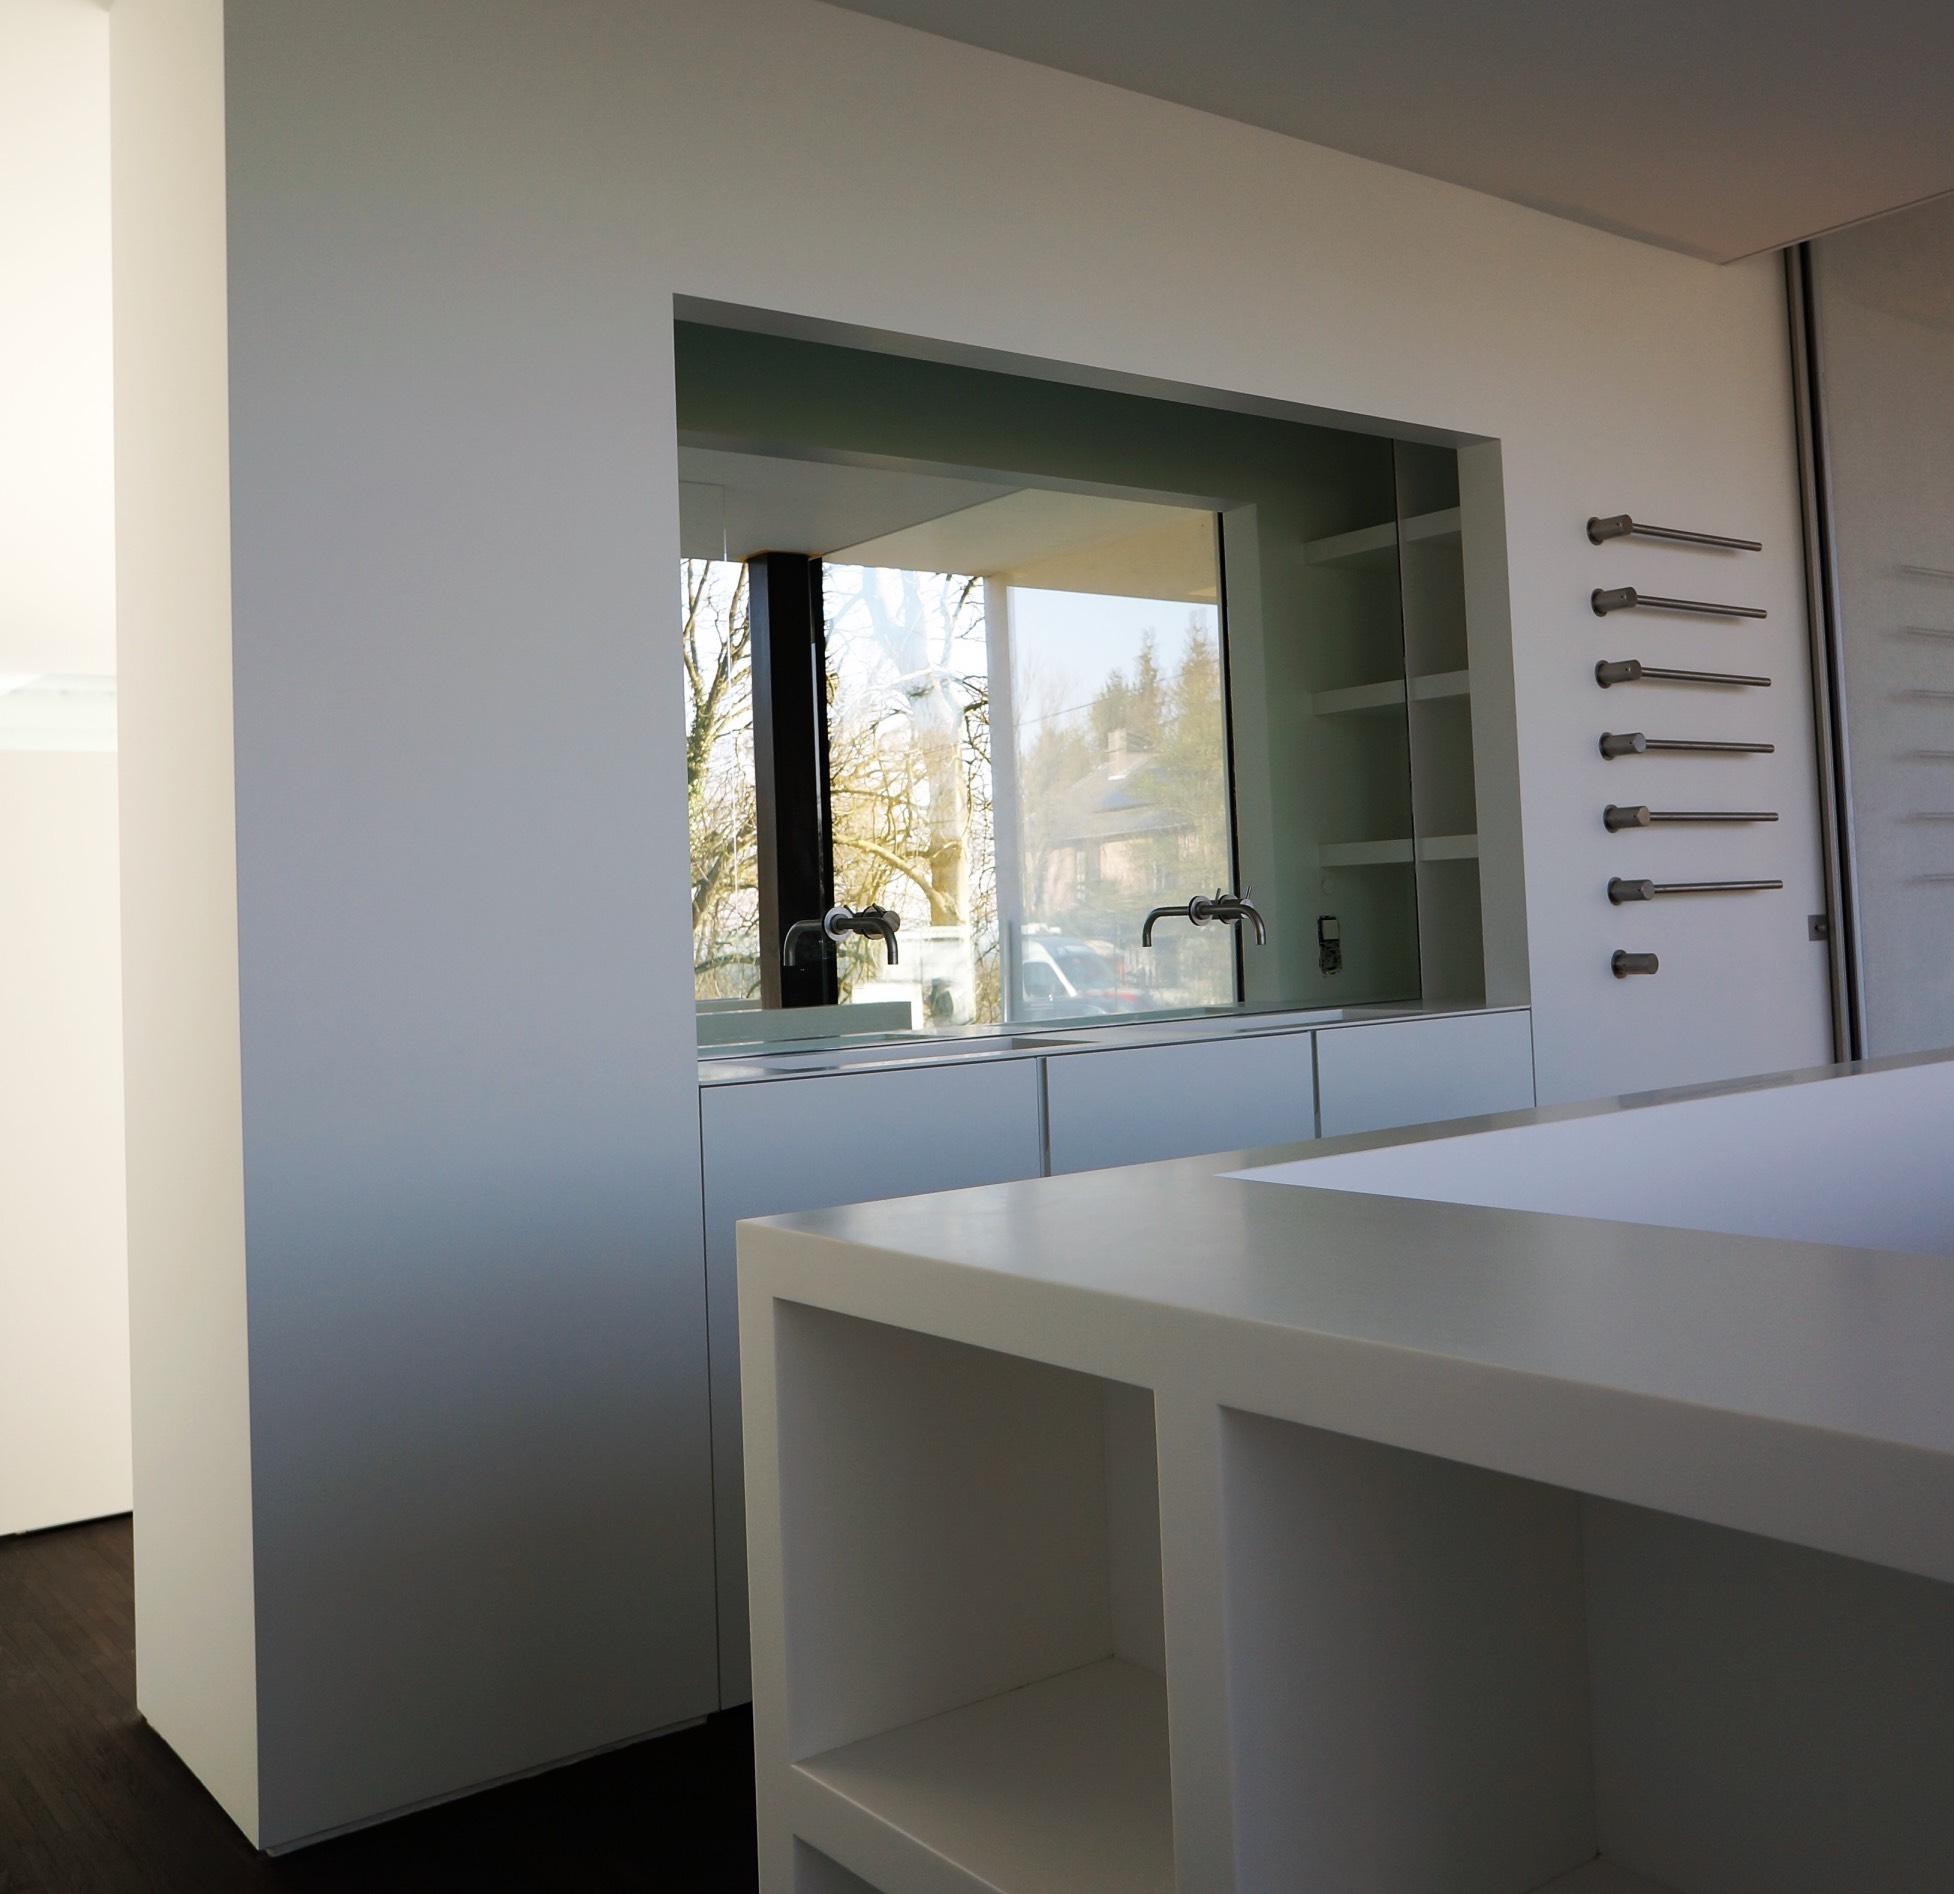 Milcamps mobilier sur mesure salle de bains - Mobilier salle de bains ...